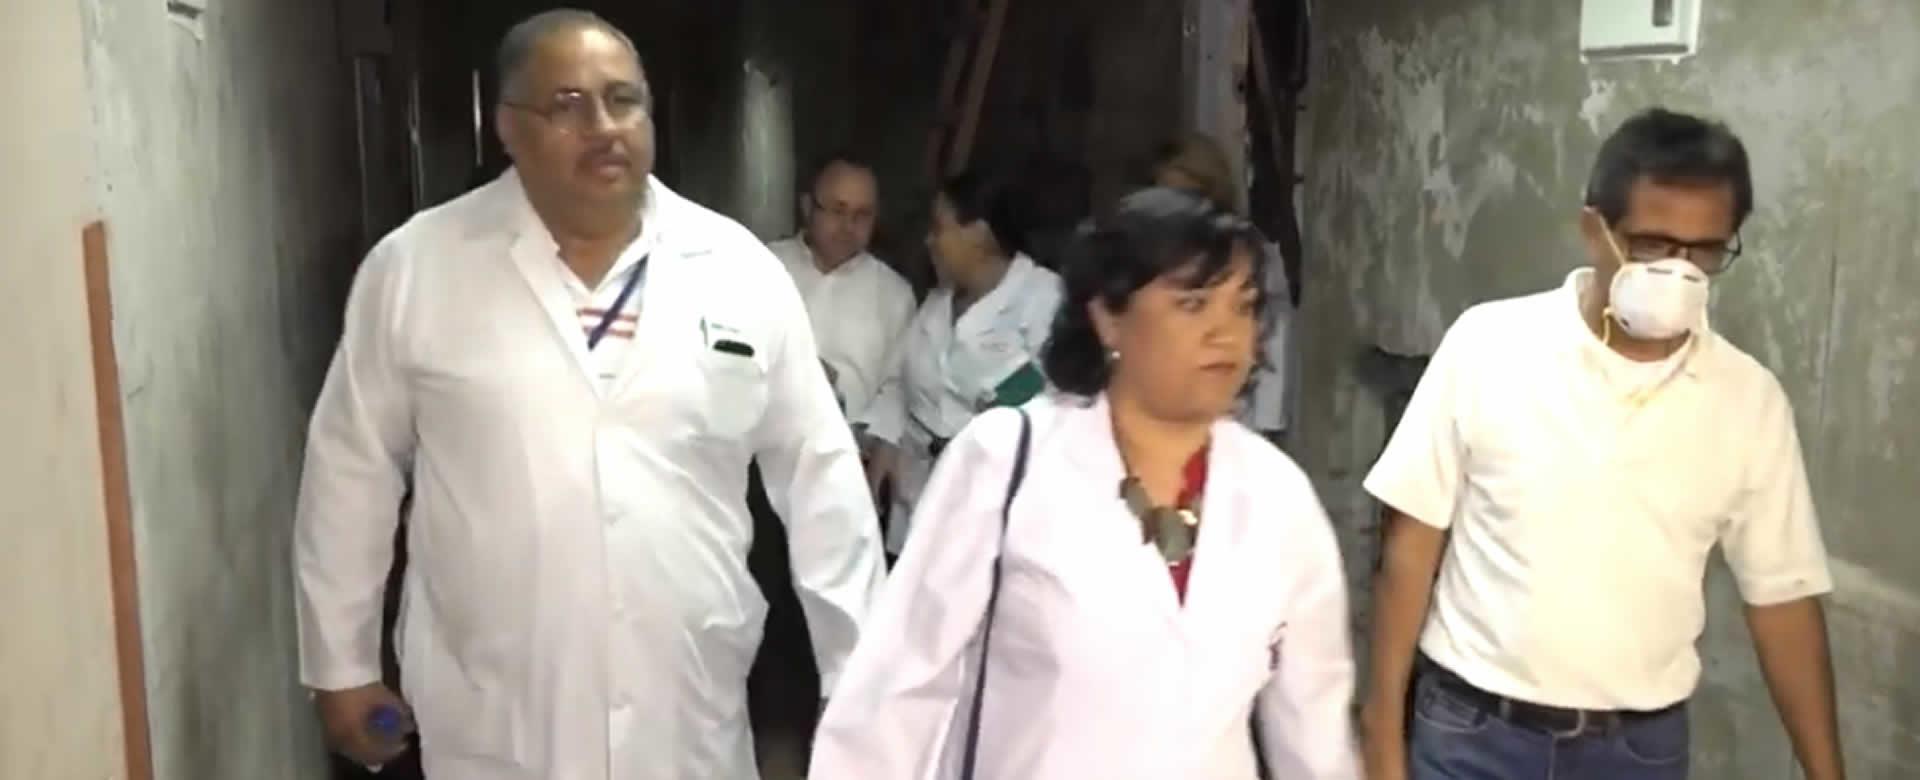 Inicia remodelación del área quirúrgica en el Hospital Antonio Lenin Fonseca